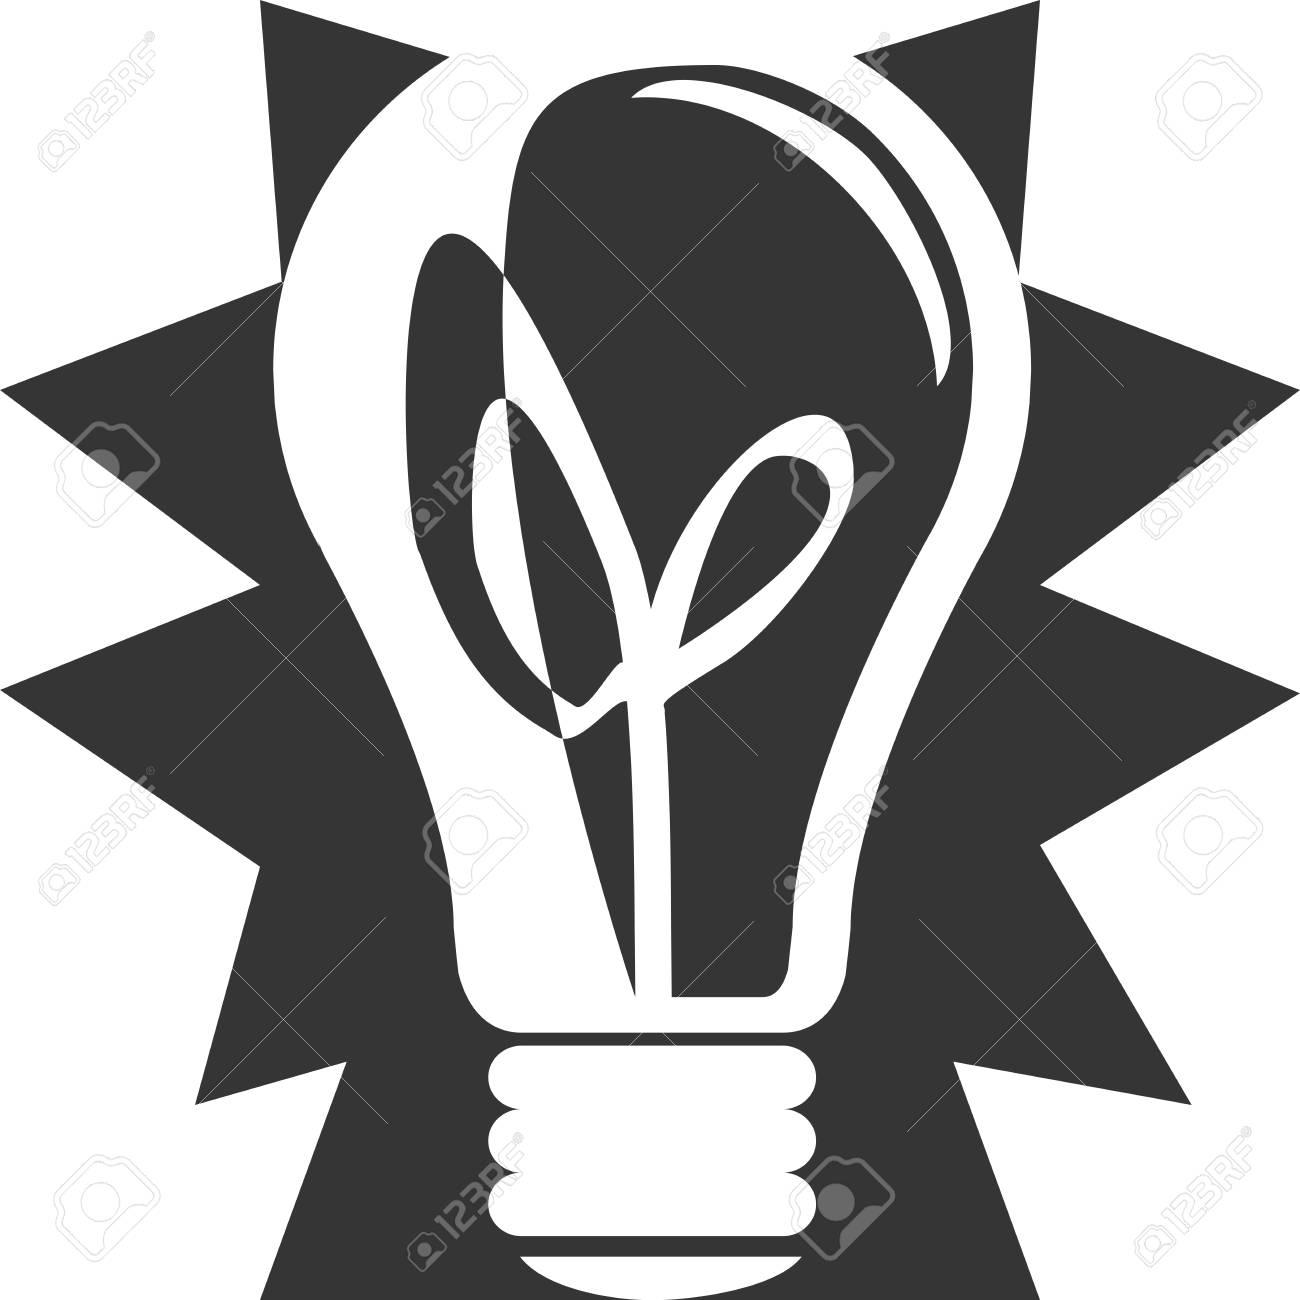 Extreme Glühbirne - Blinkende Cartoon-Stil. Glänzendes Glänzendes ...